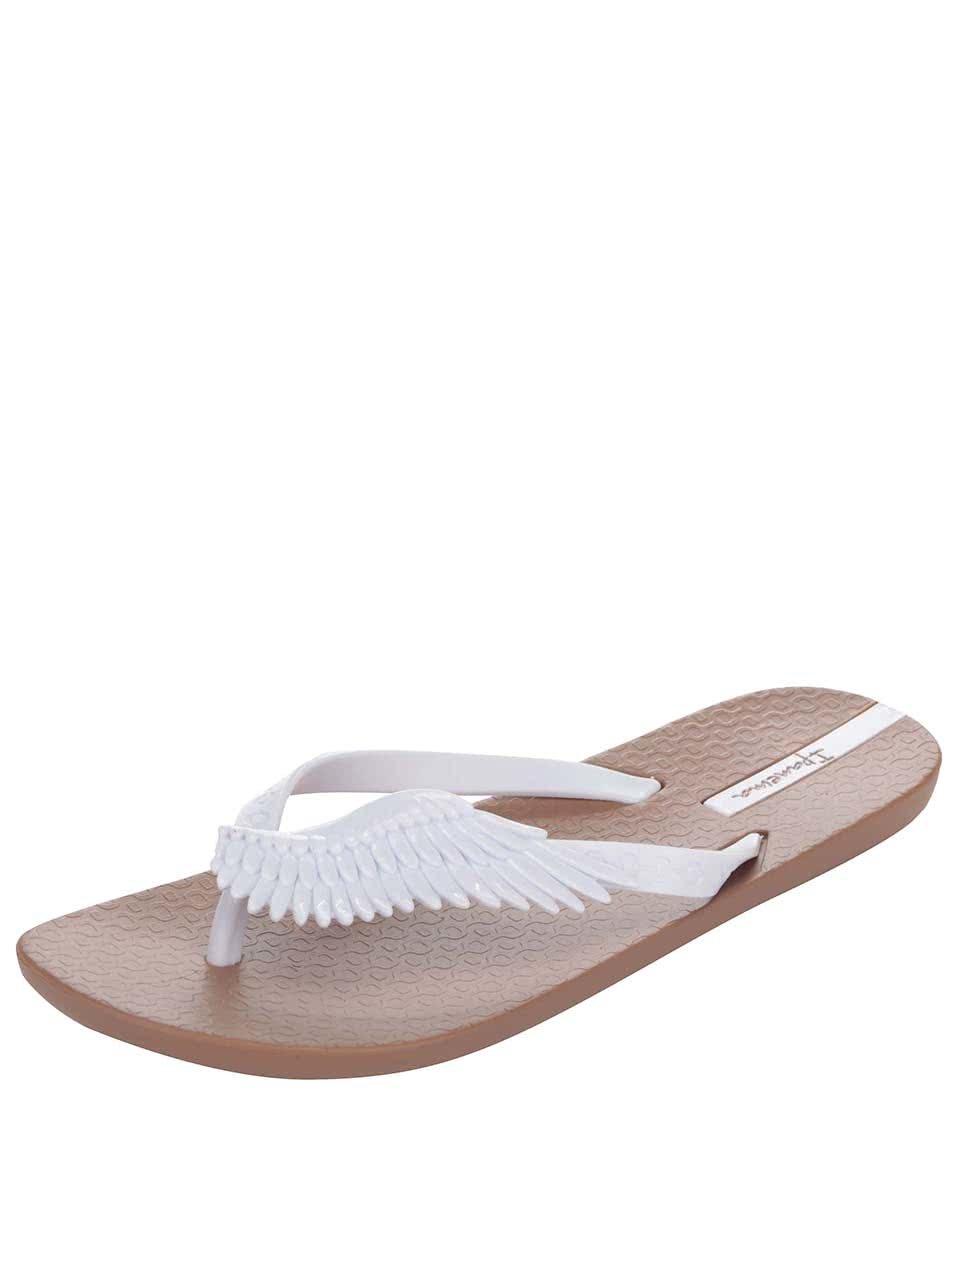 973201b5a0b Bílo-hnědé žabky s křídly Ipanema Summer Love ...